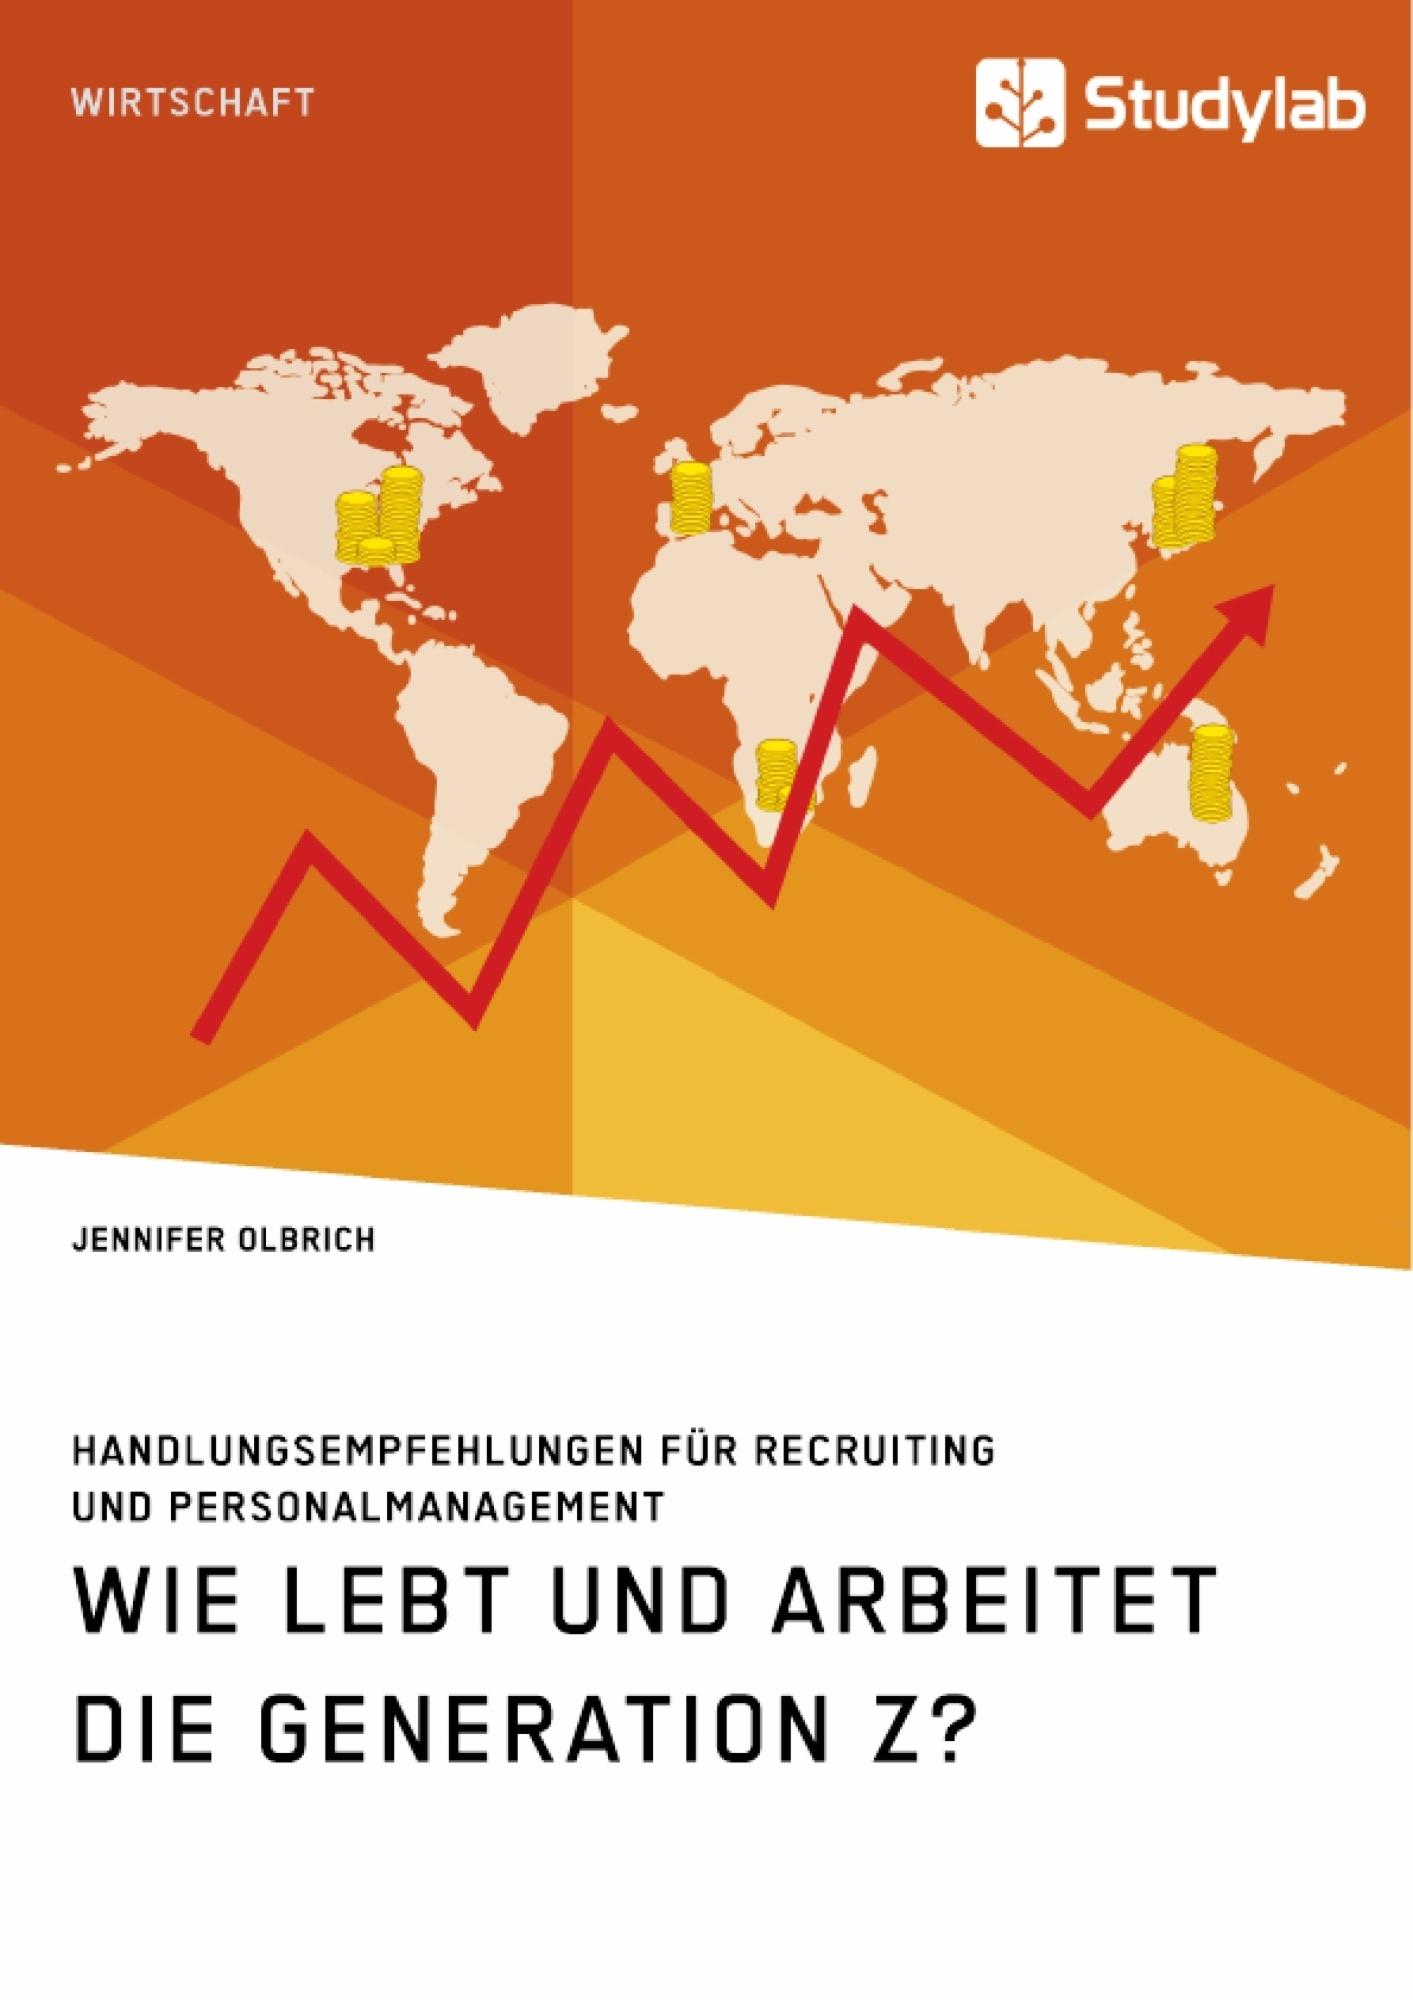 Titel: Wie lebt und arbeitet die Generation Z? Handlungsempfehlungen für Recruiting und Personalmanagement